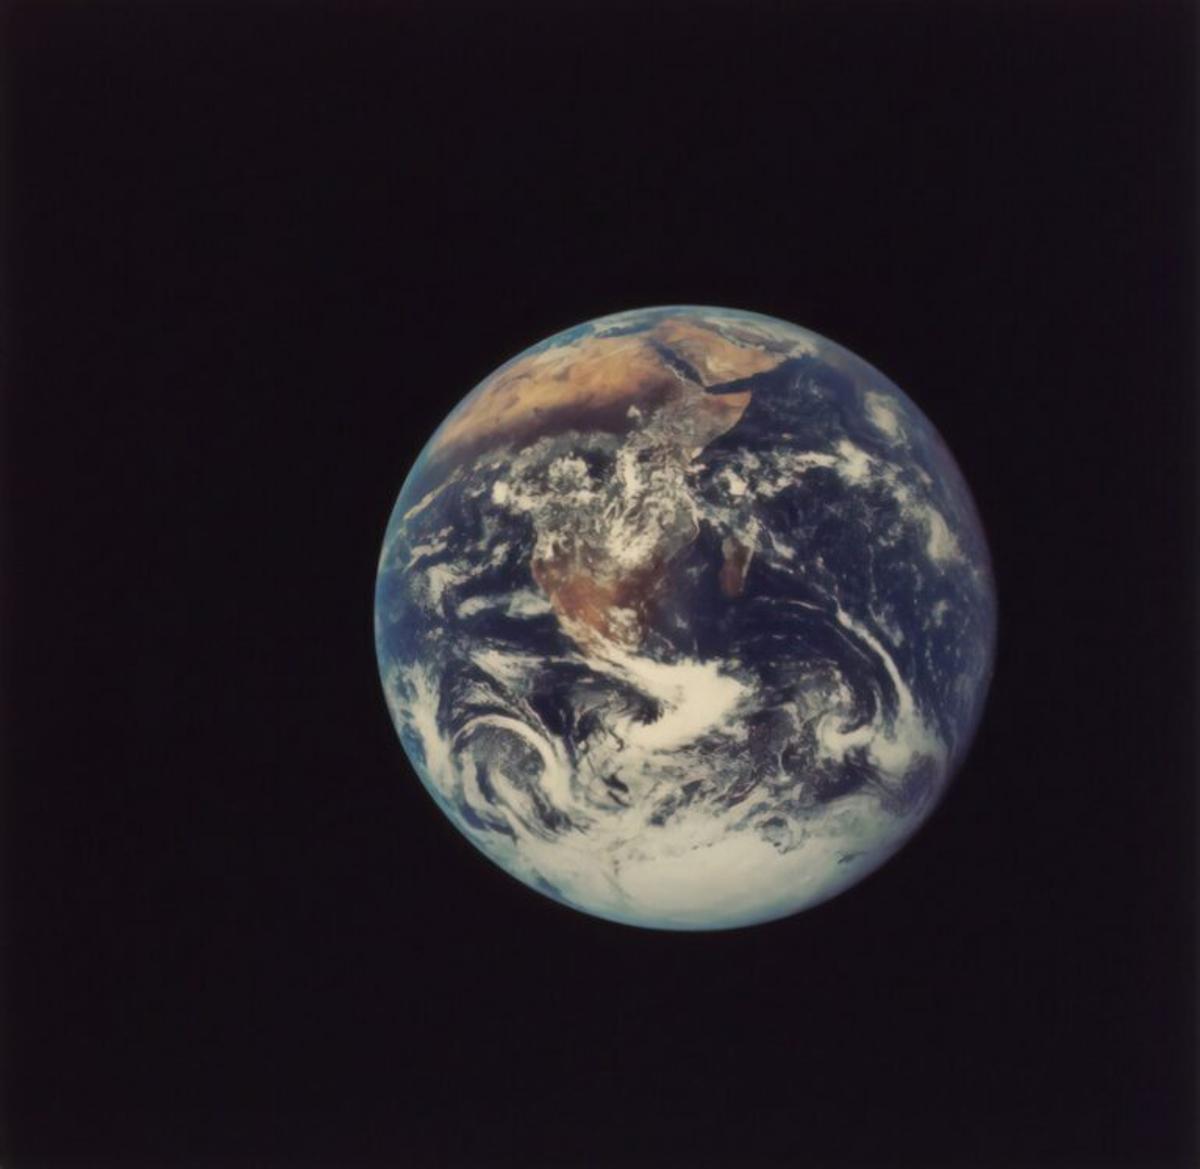 La rotación de la Tierra se está acelerando